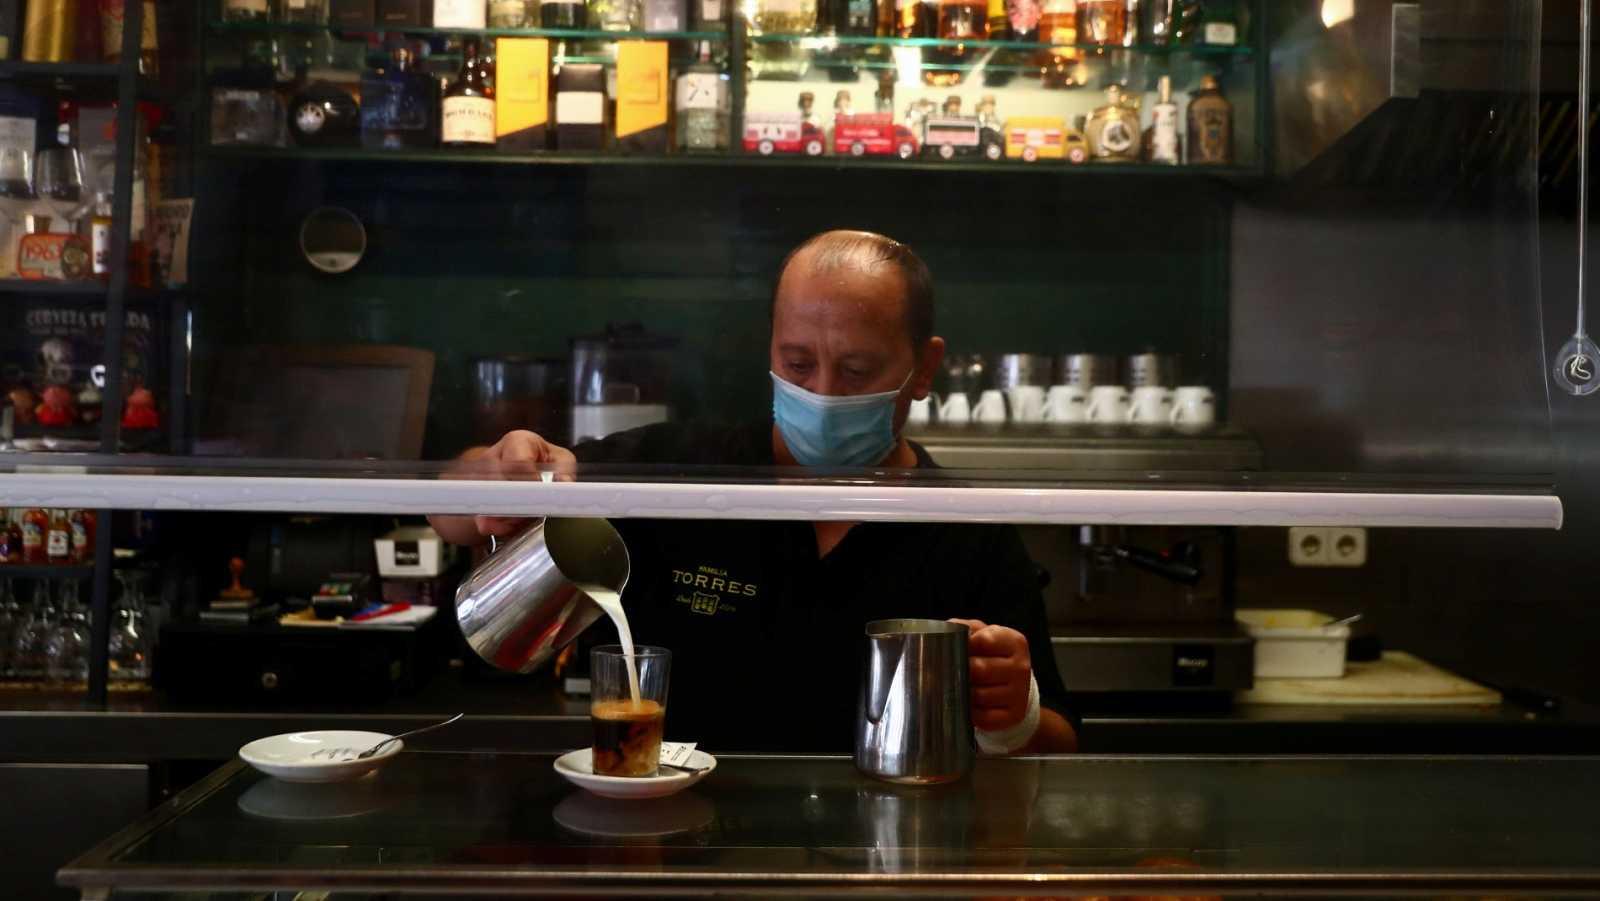 Un camarero sirve un café en el barrio madrileño de Vallecas